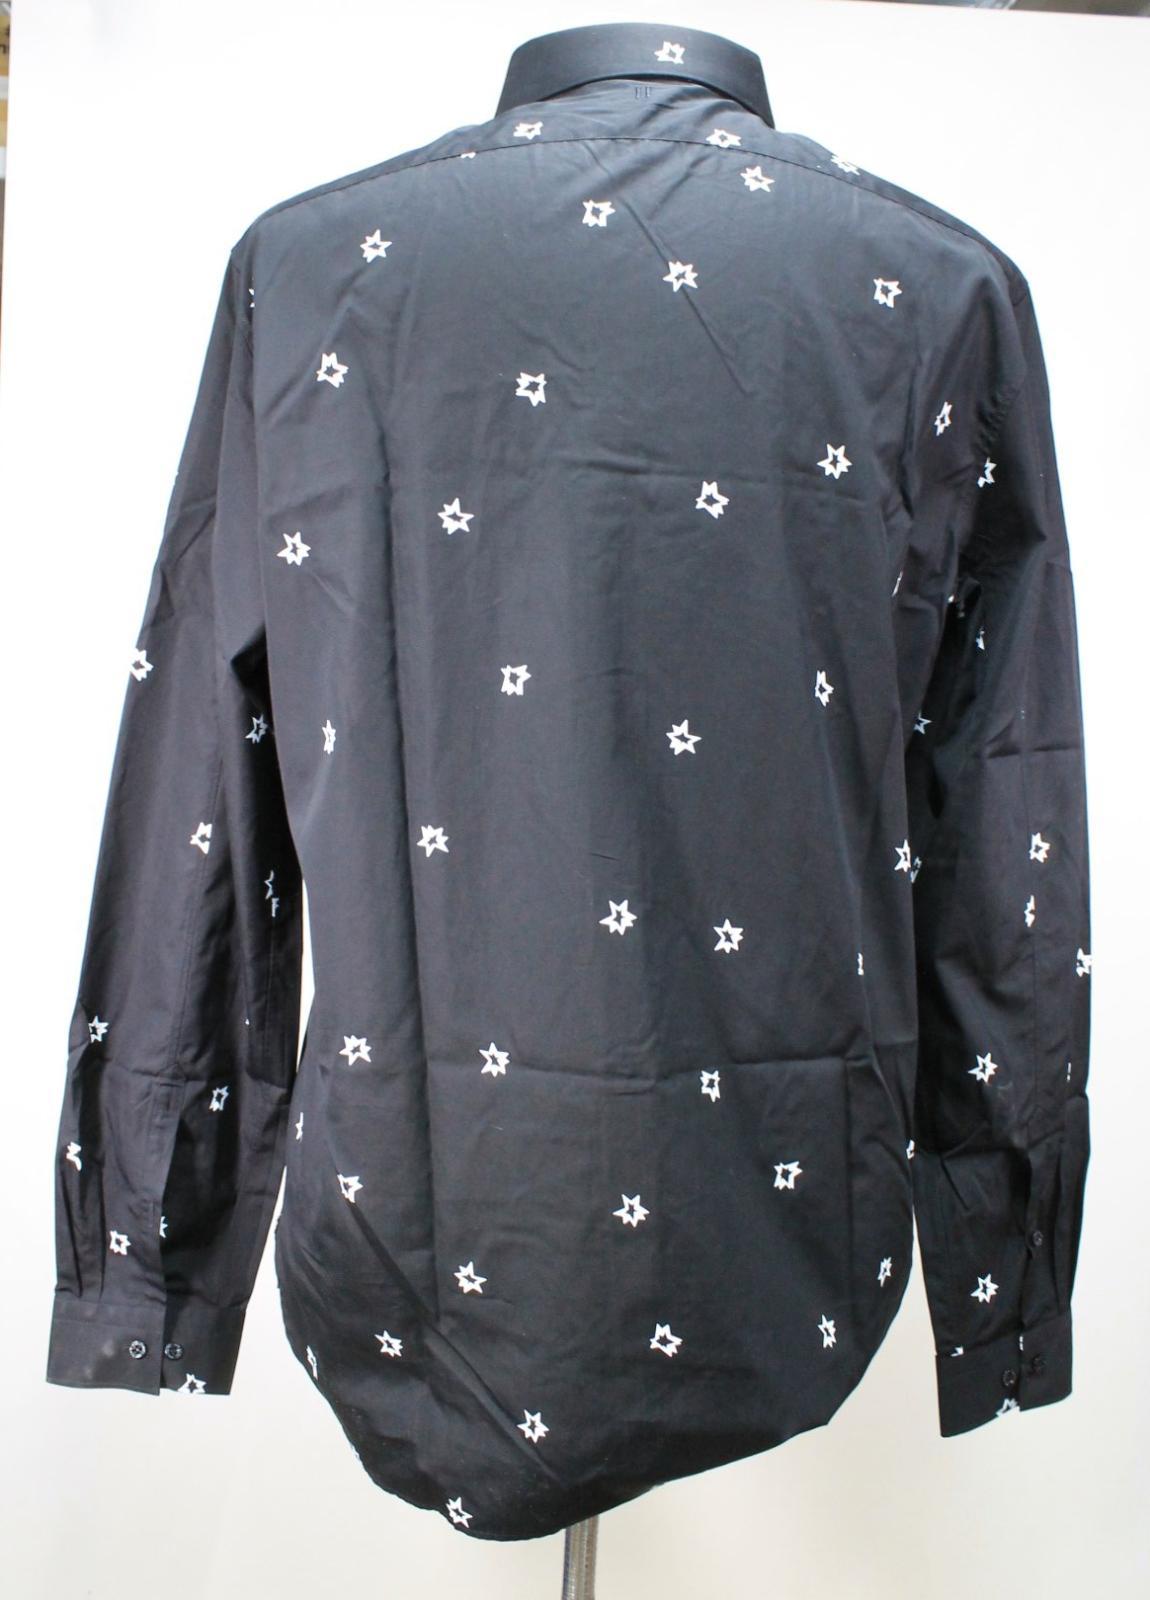 Neil-Barrett-Hombre-Negro-Algodon-Estampado-de-Estrellas-Calce-Ajustado-Camisa-Con-Cuello-16-5-034 miniatura 6